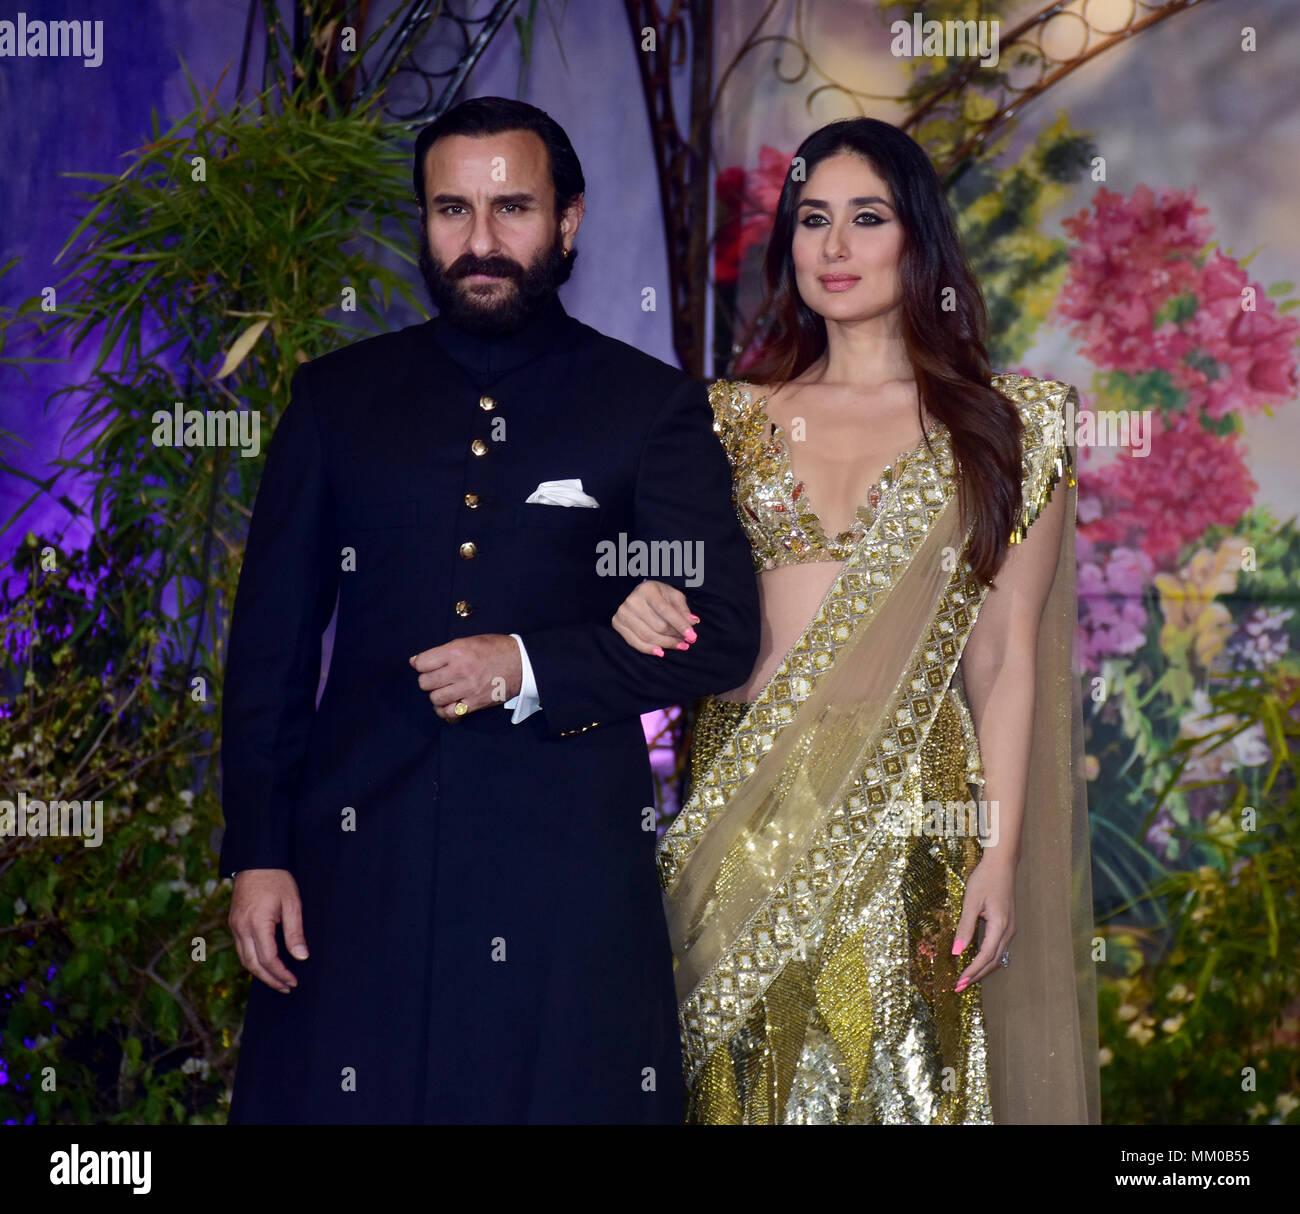 Indian Film Actress Kareena Kapoor Khan With Husband Saif Ali Khan